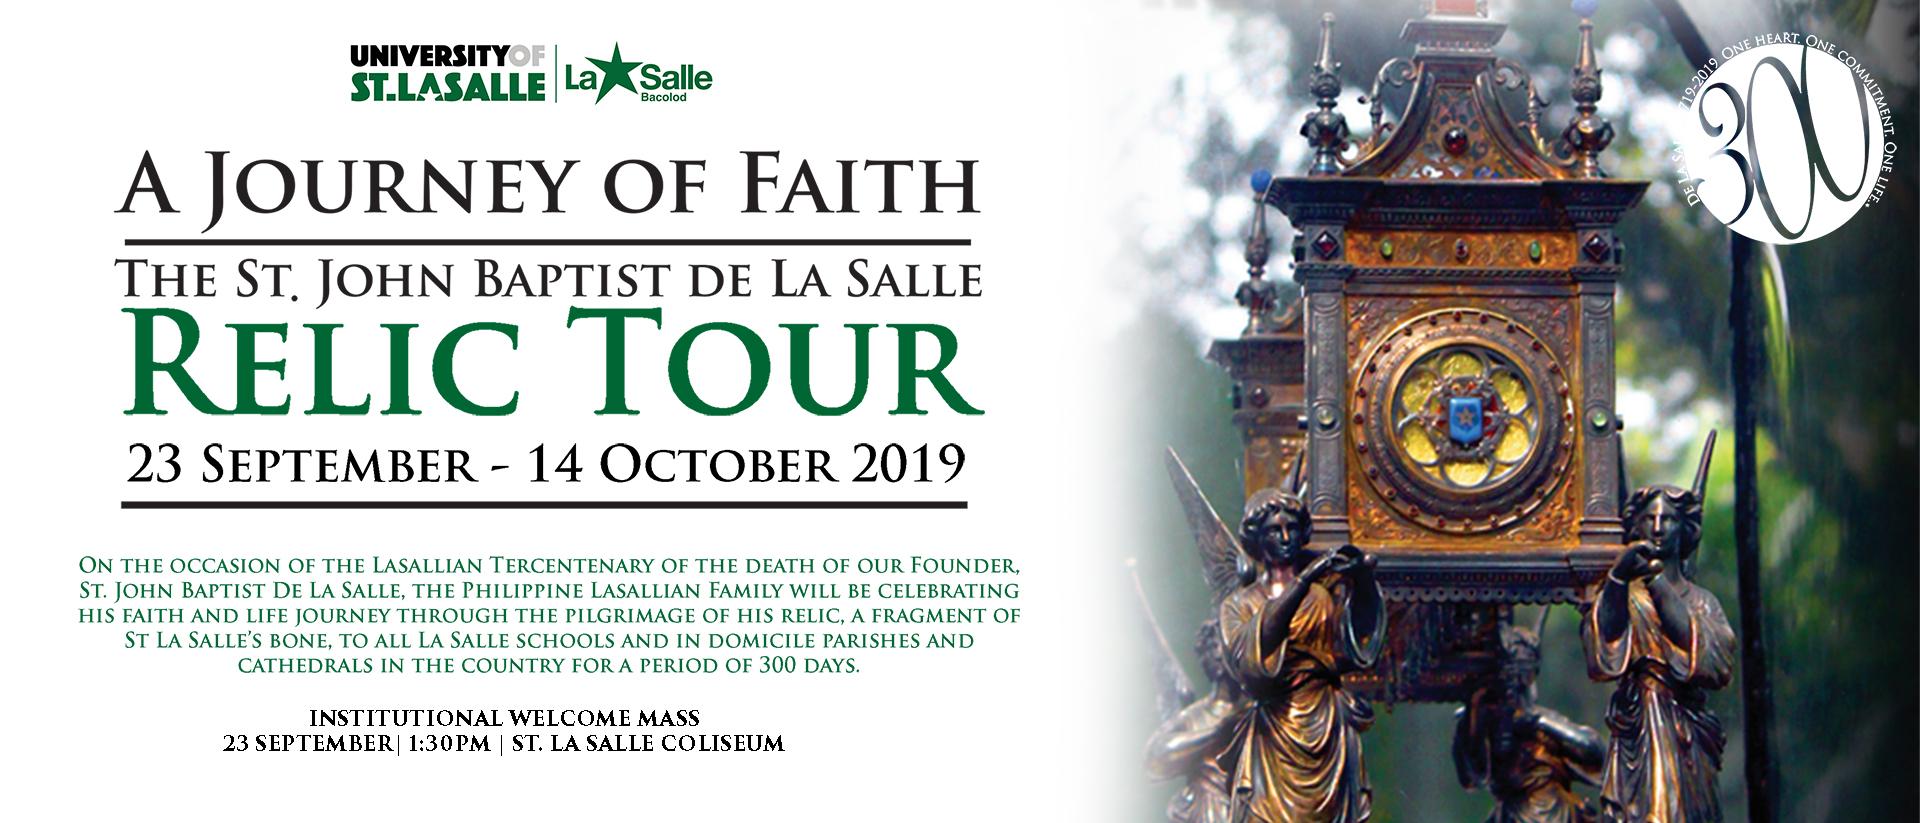 A-Journey-of-Faith-The-St-John-Baptiste-De-La-Salle-Relic-Tour.jpg